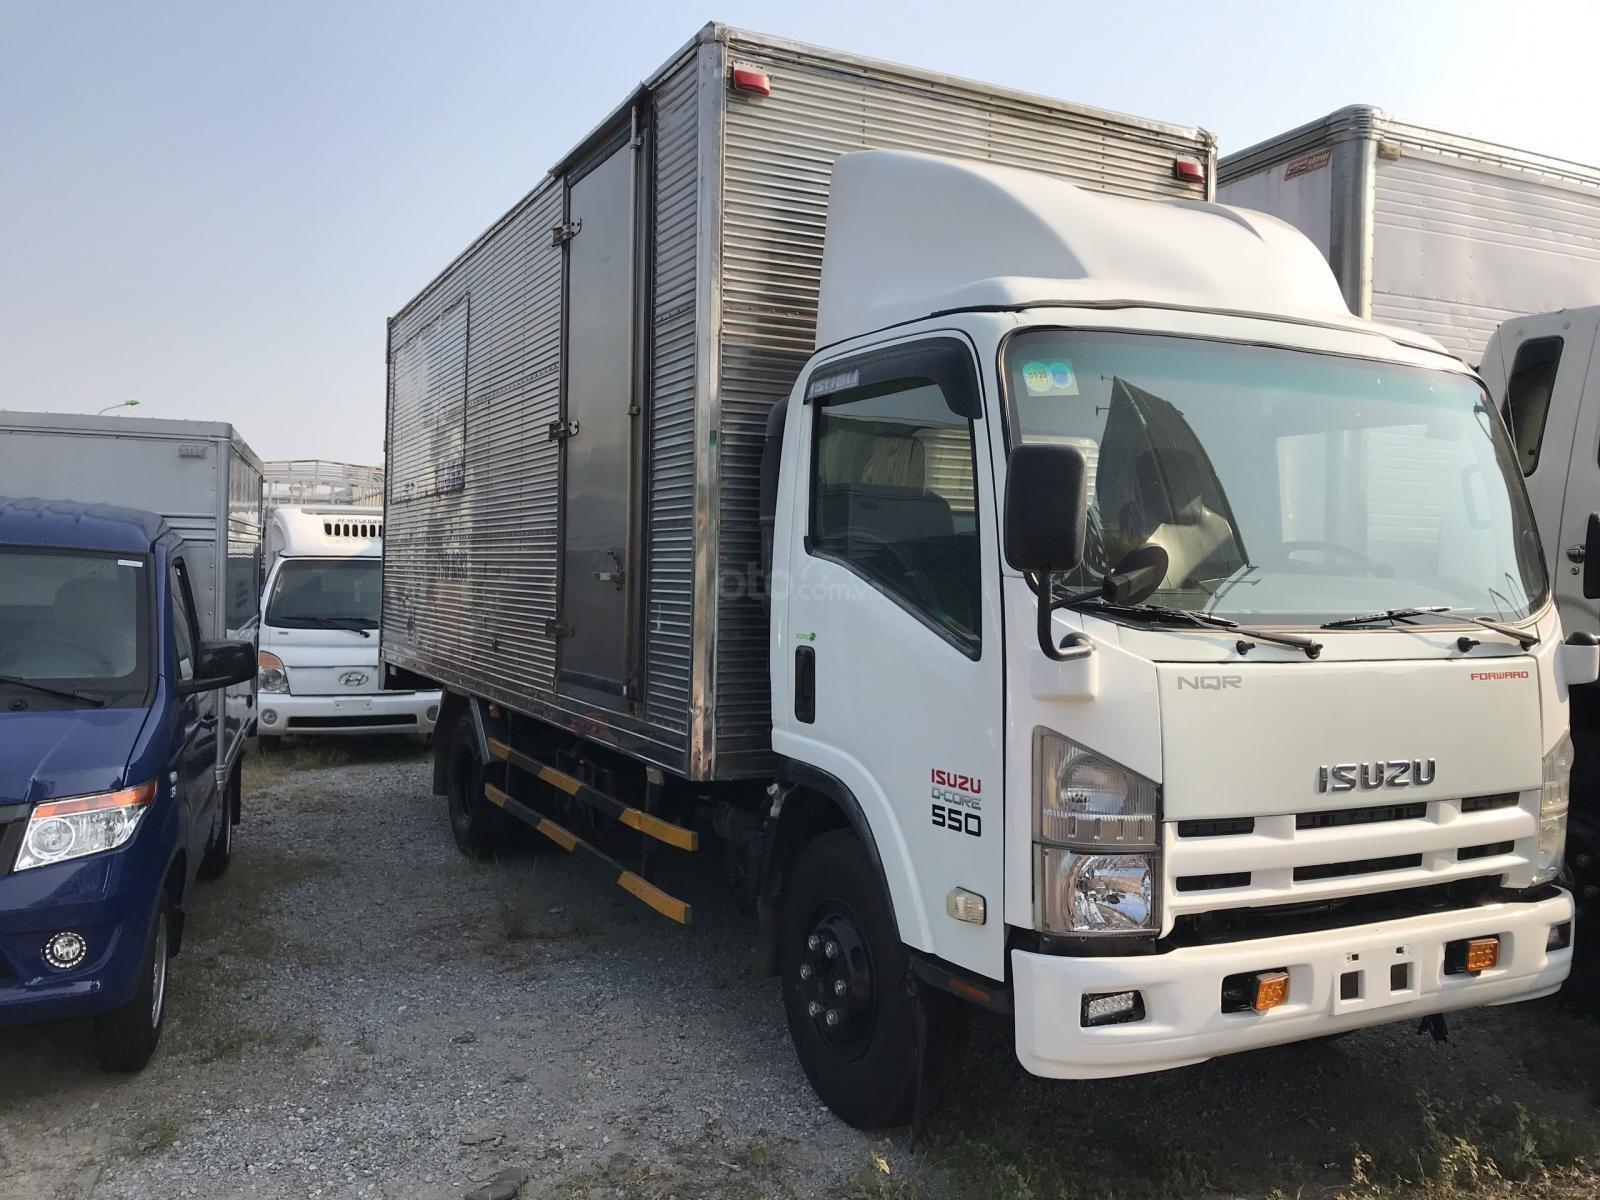 Bán xe tải Isuzu 5 tấn thùng kín đã qua sử dụng thùng dài 6m, máy nổ rất êm (3)